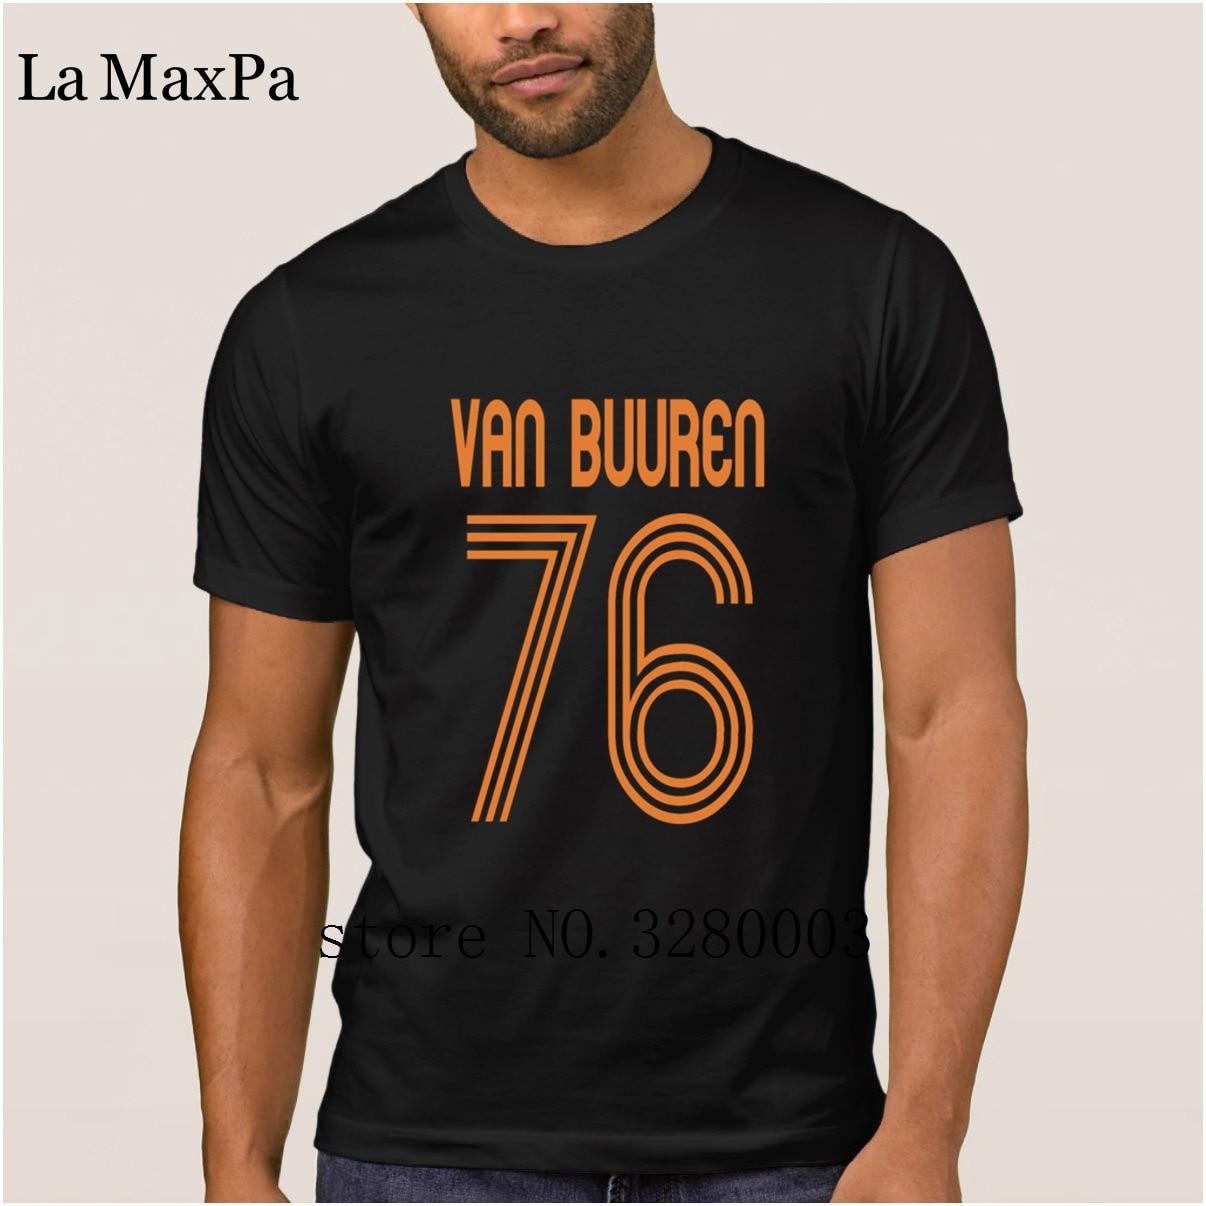 2f72ce5e99c La Maxpa printed Authentic mens t shirt armin van buuren 76 mens t-shirt  Spring